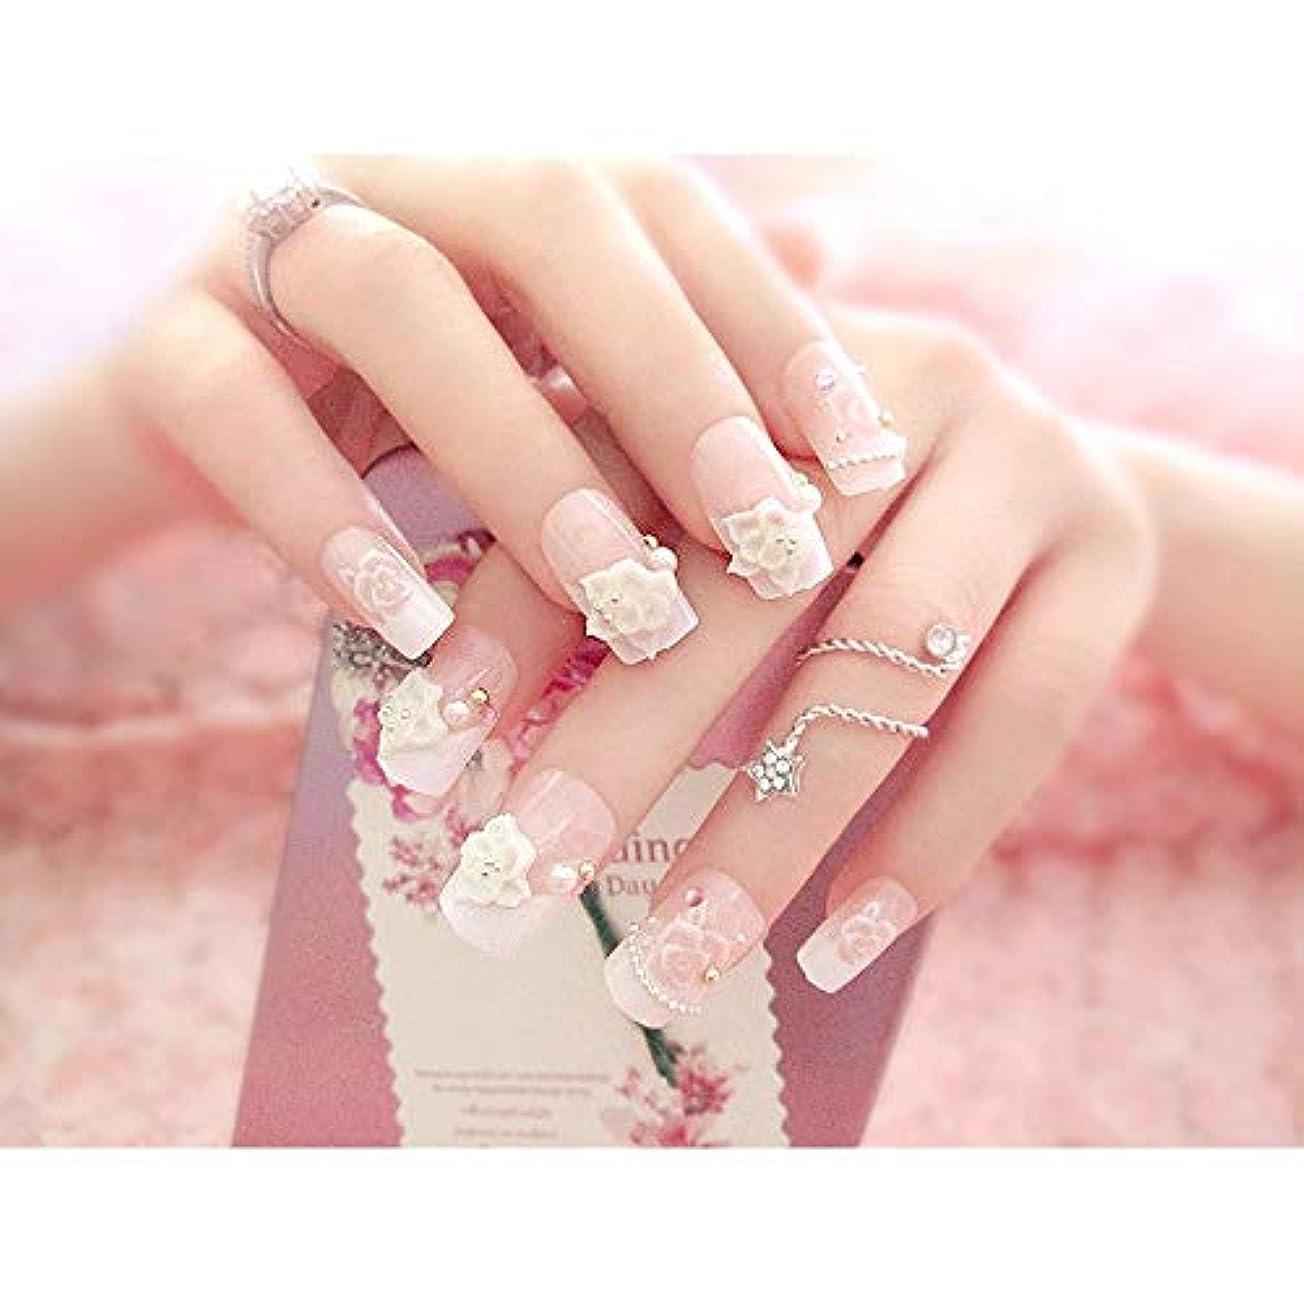 祝う鏡死の顎BOBIDYEE ホワイト+ピンクは、偽の釘24ピース箱入りフェイクネイルパール花の花嫁ネイルステッカーを完成しました (色 : 24 pieces)